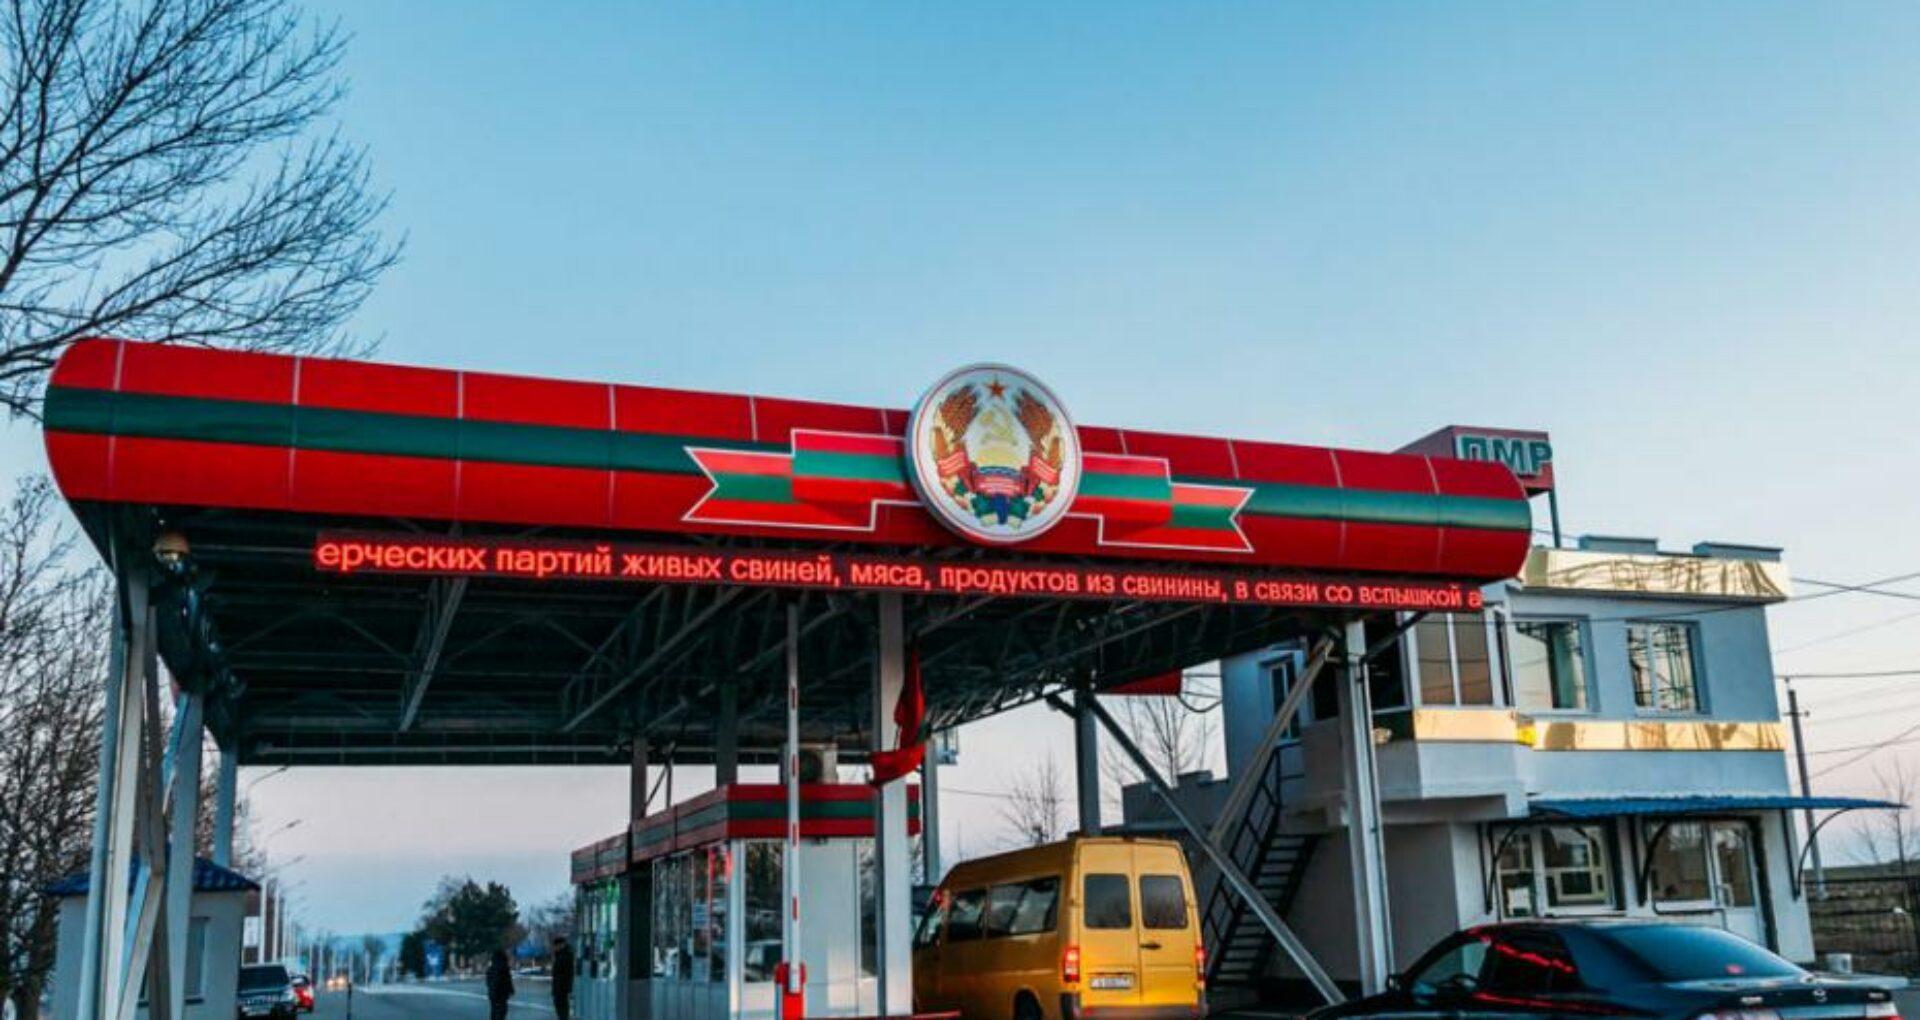 Așa-zisele autorități de la Tiraspol propun prelungirea restricțiilor până la 1 decembrie. Dodon: Cetățenii R. Moldova care locuiesc în regiunea transnistreană trebuie să poată vota